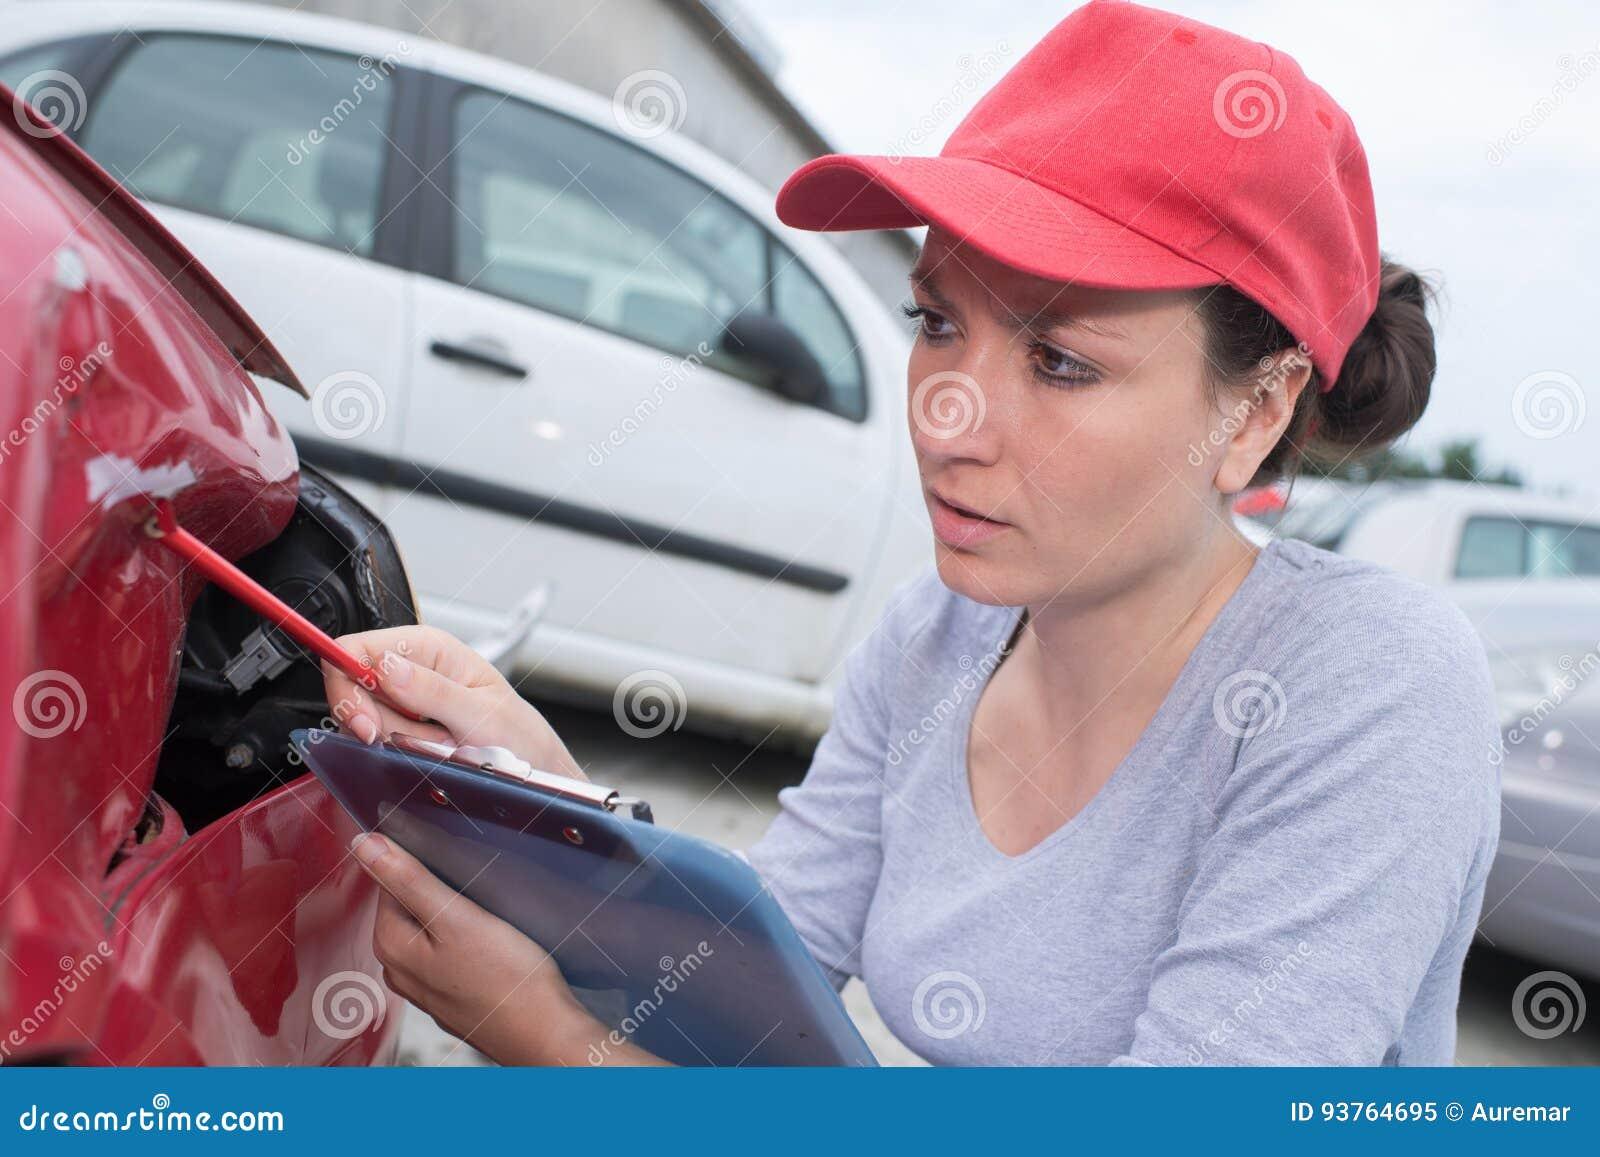 Handeln der Schätzung für Autoreparatur